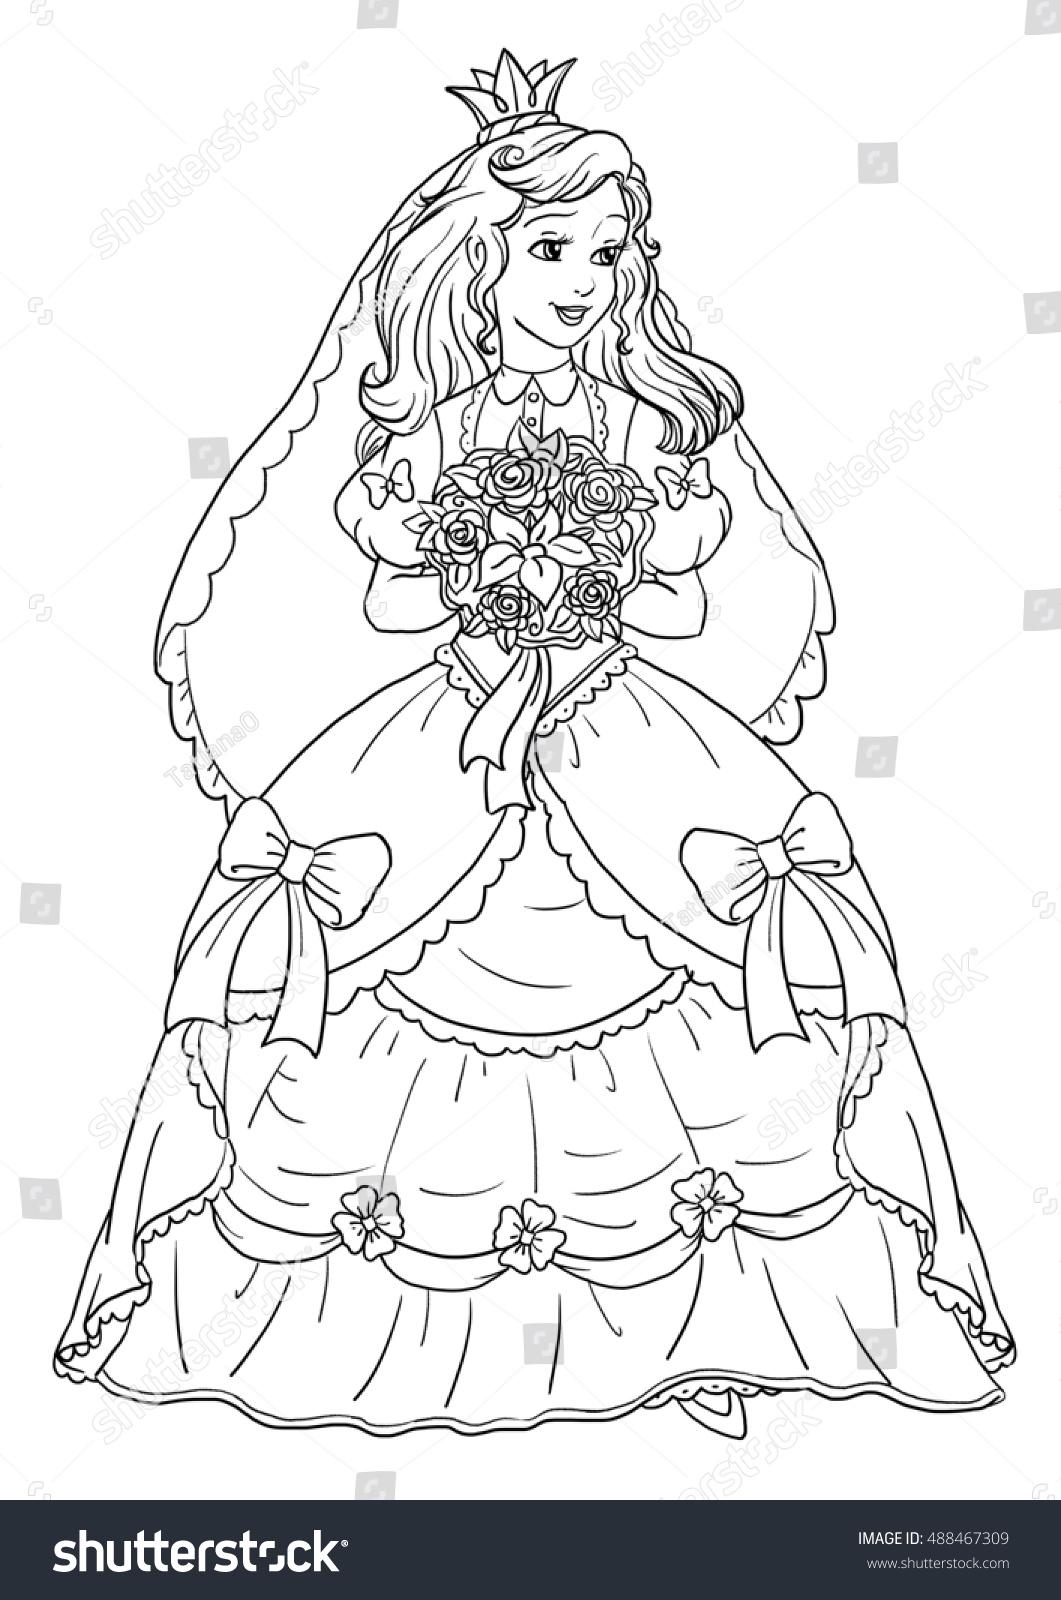 Princess Bride Coloring Book